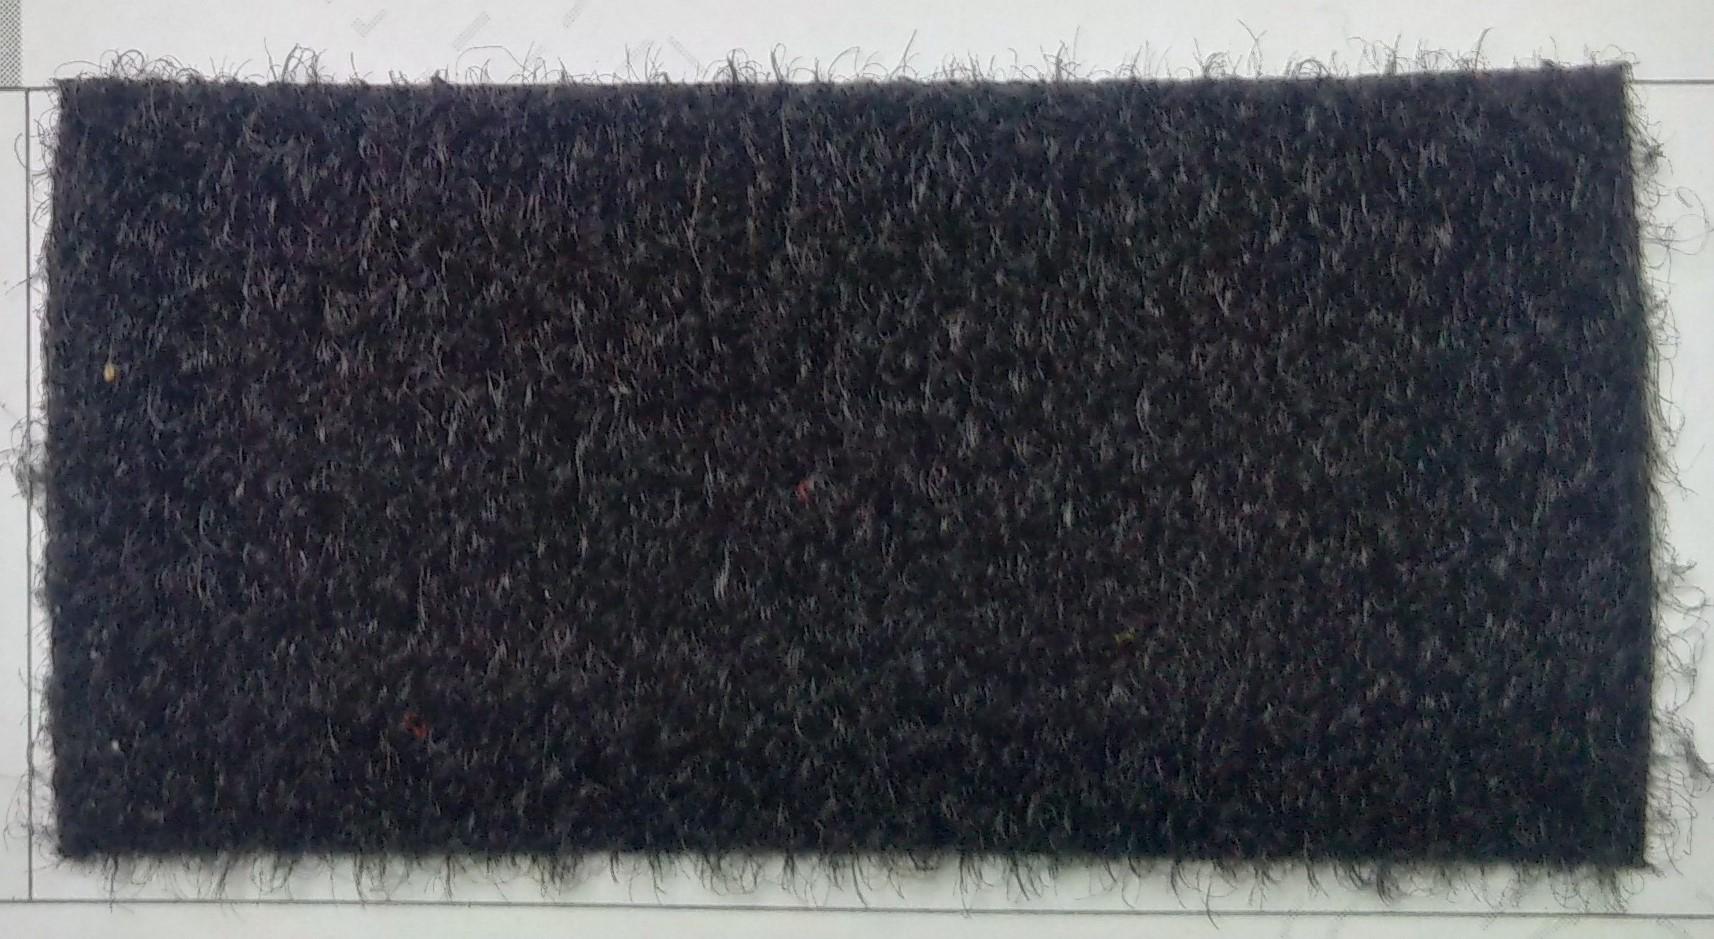 Băng nhám bông kết cấu sợi vải – Brushed Fadric